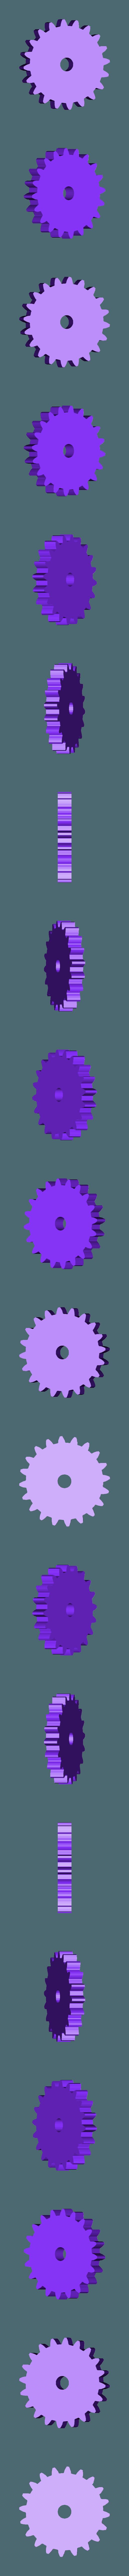 Prueba_con_engranajes_engranaje_20_dientes.stl Download free STL file Learning toy - Gear combination • 3D printer template, raulrrojas